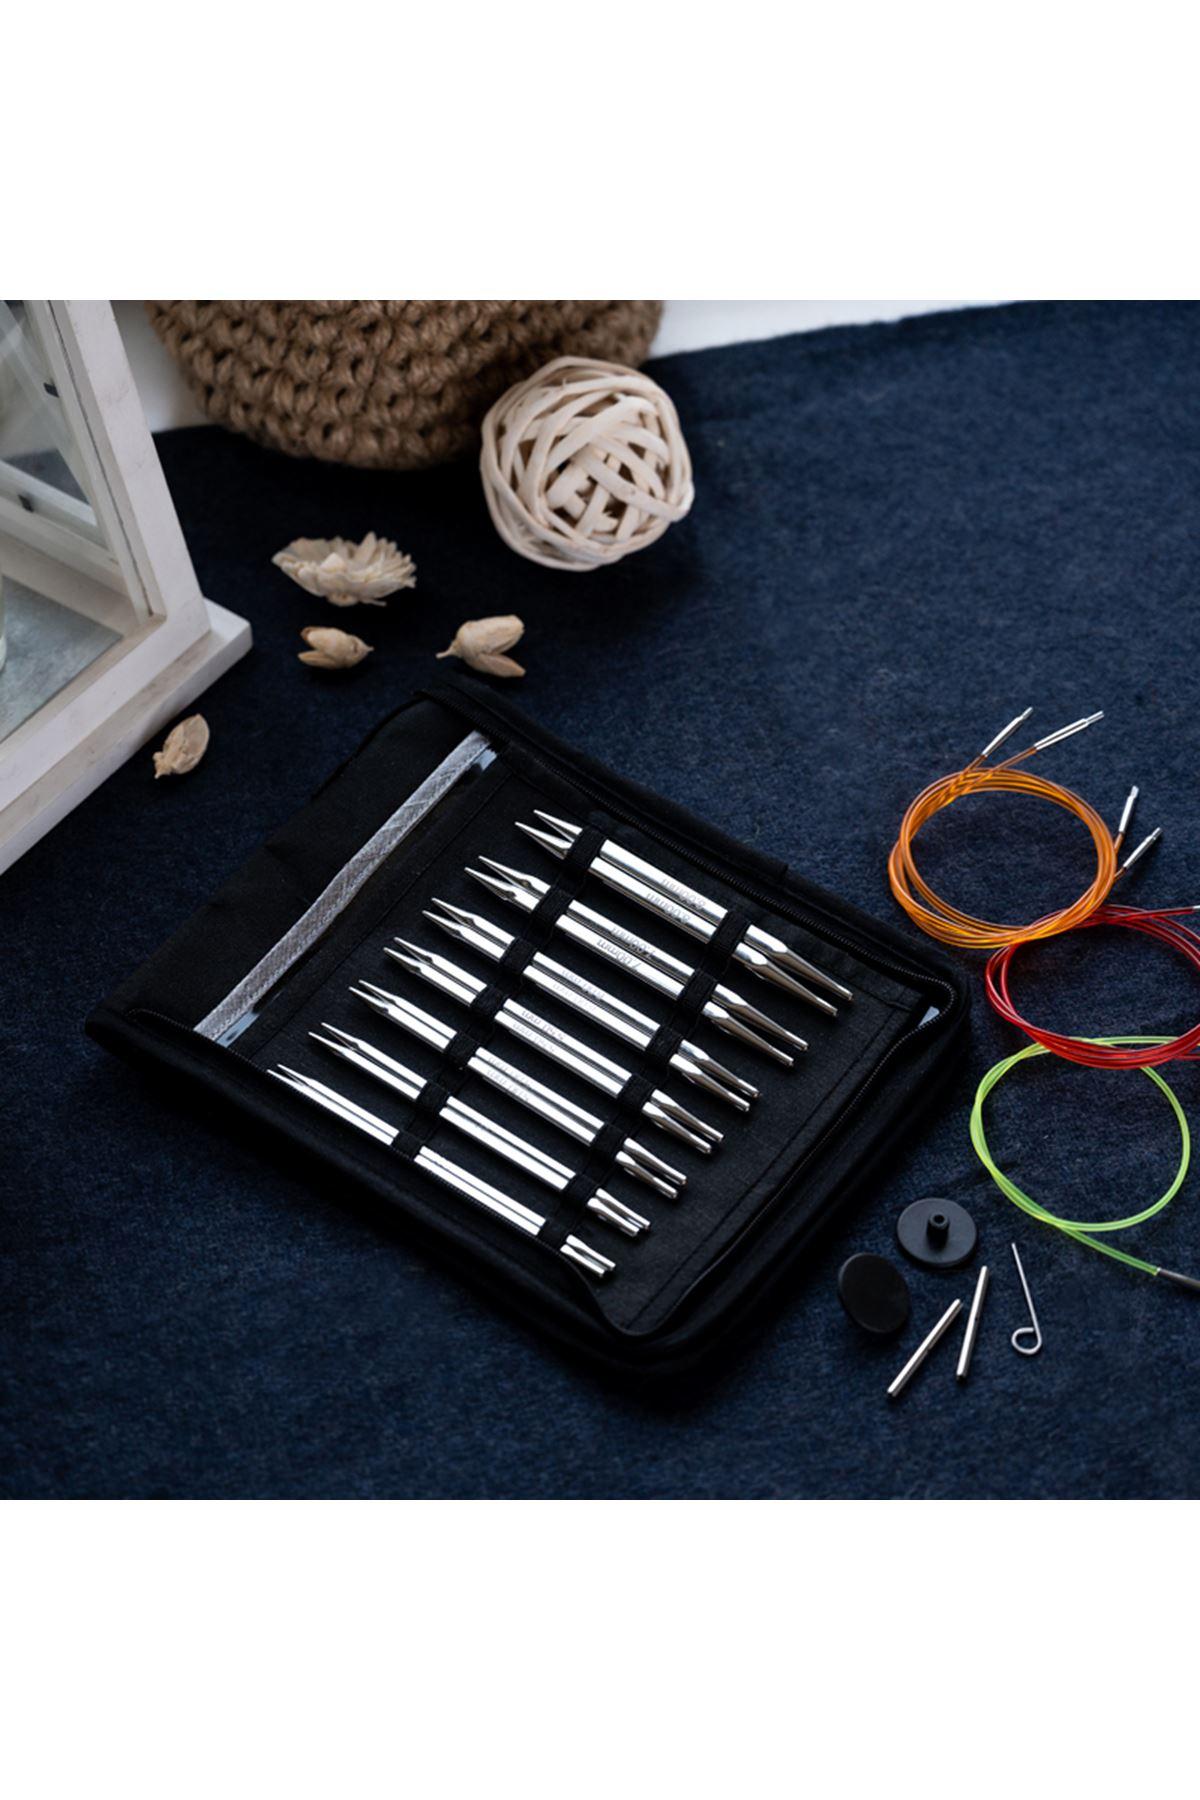 Knit Pro Nova Cubics Değiştirilebilir Misinalı Örgü Şişi Seti